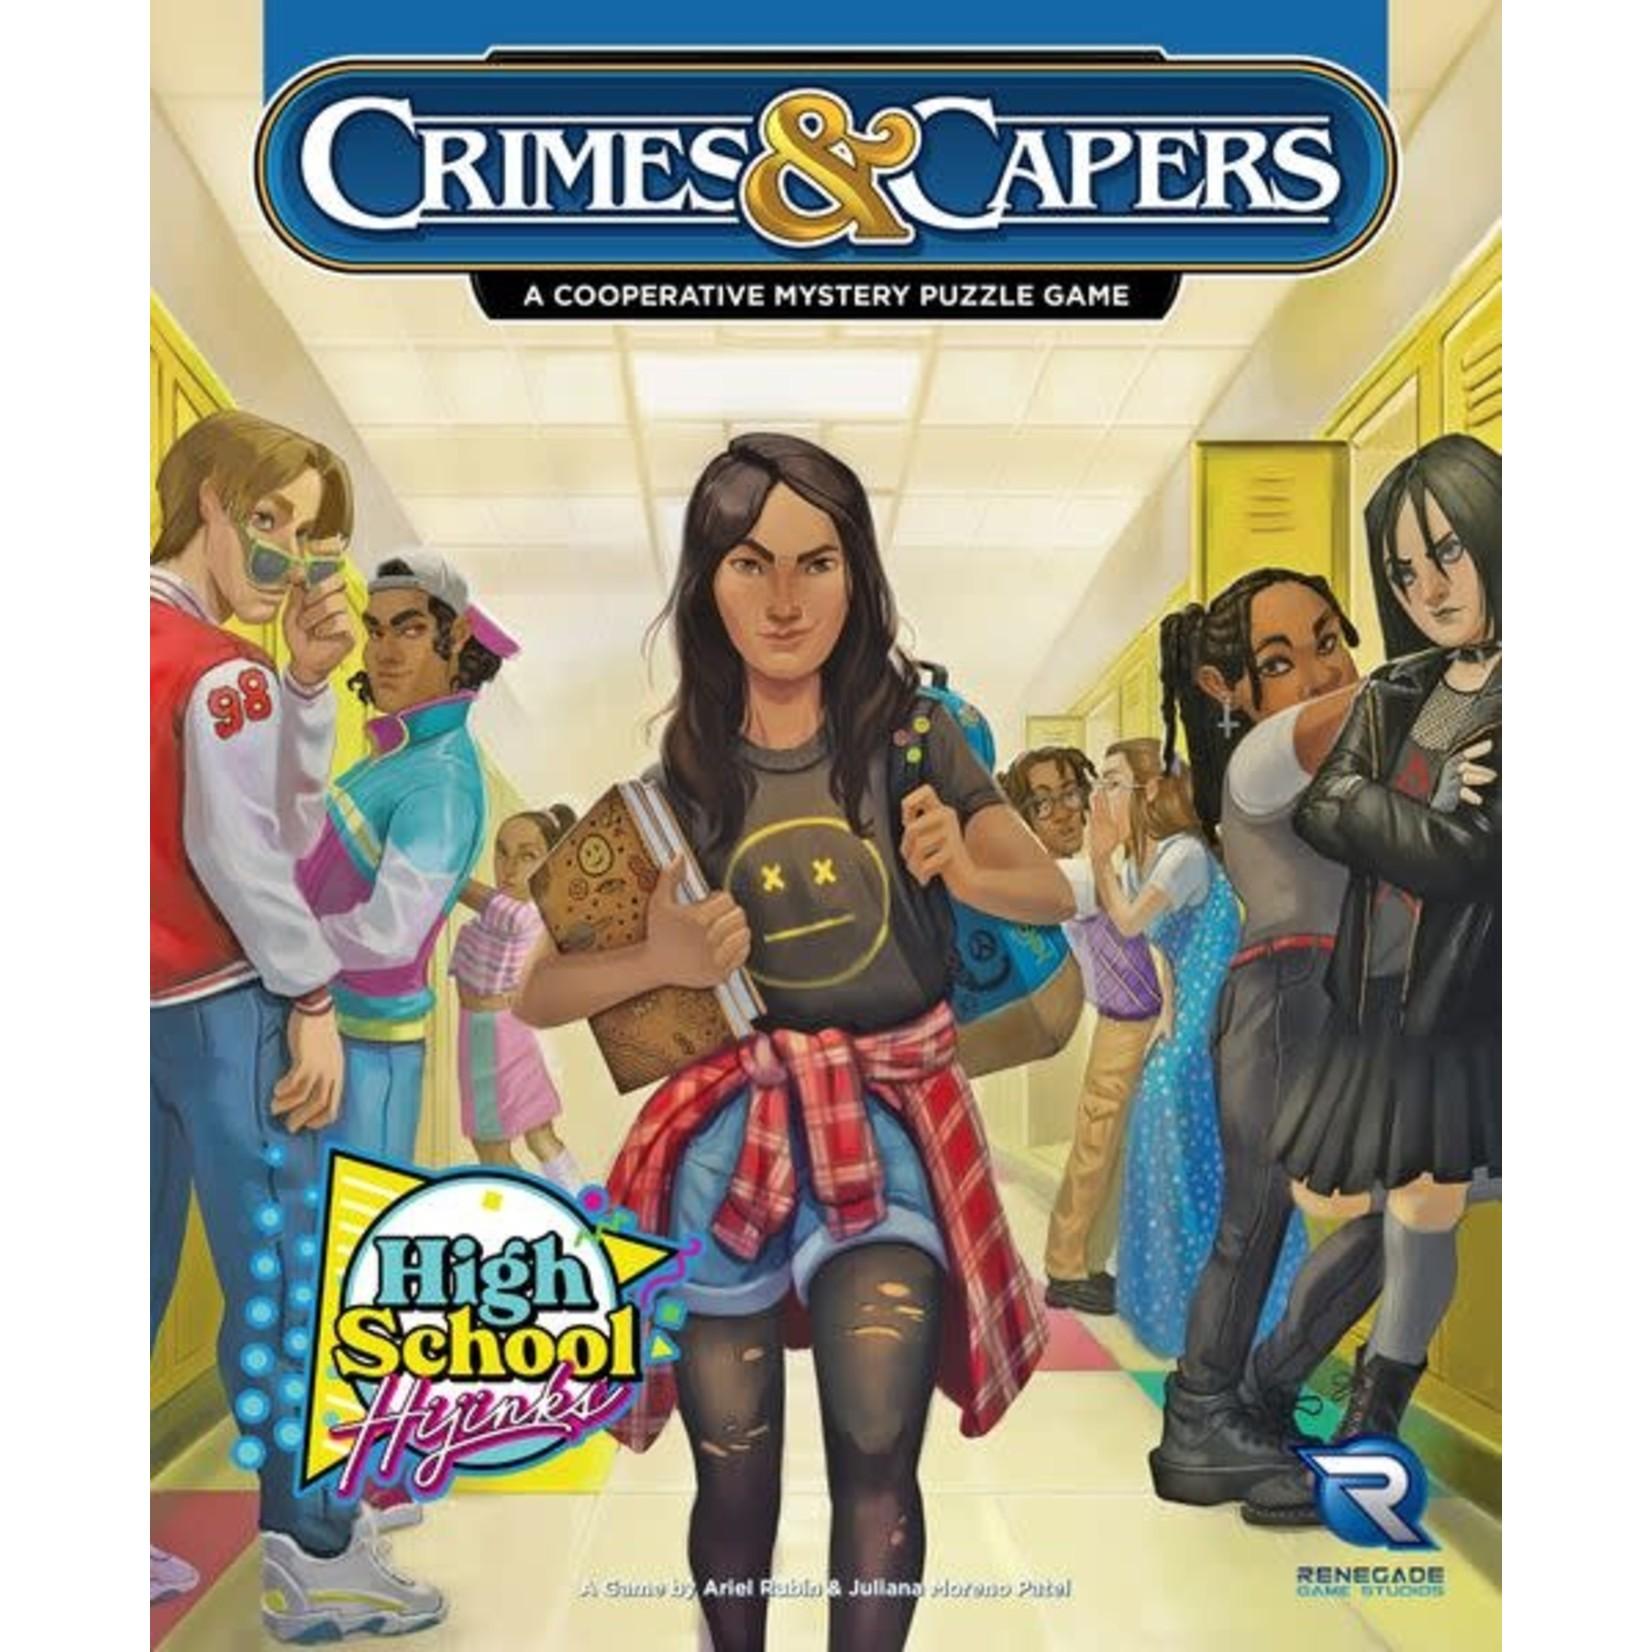 Renegade Game Studios Crimes & Capers High School Hijinks